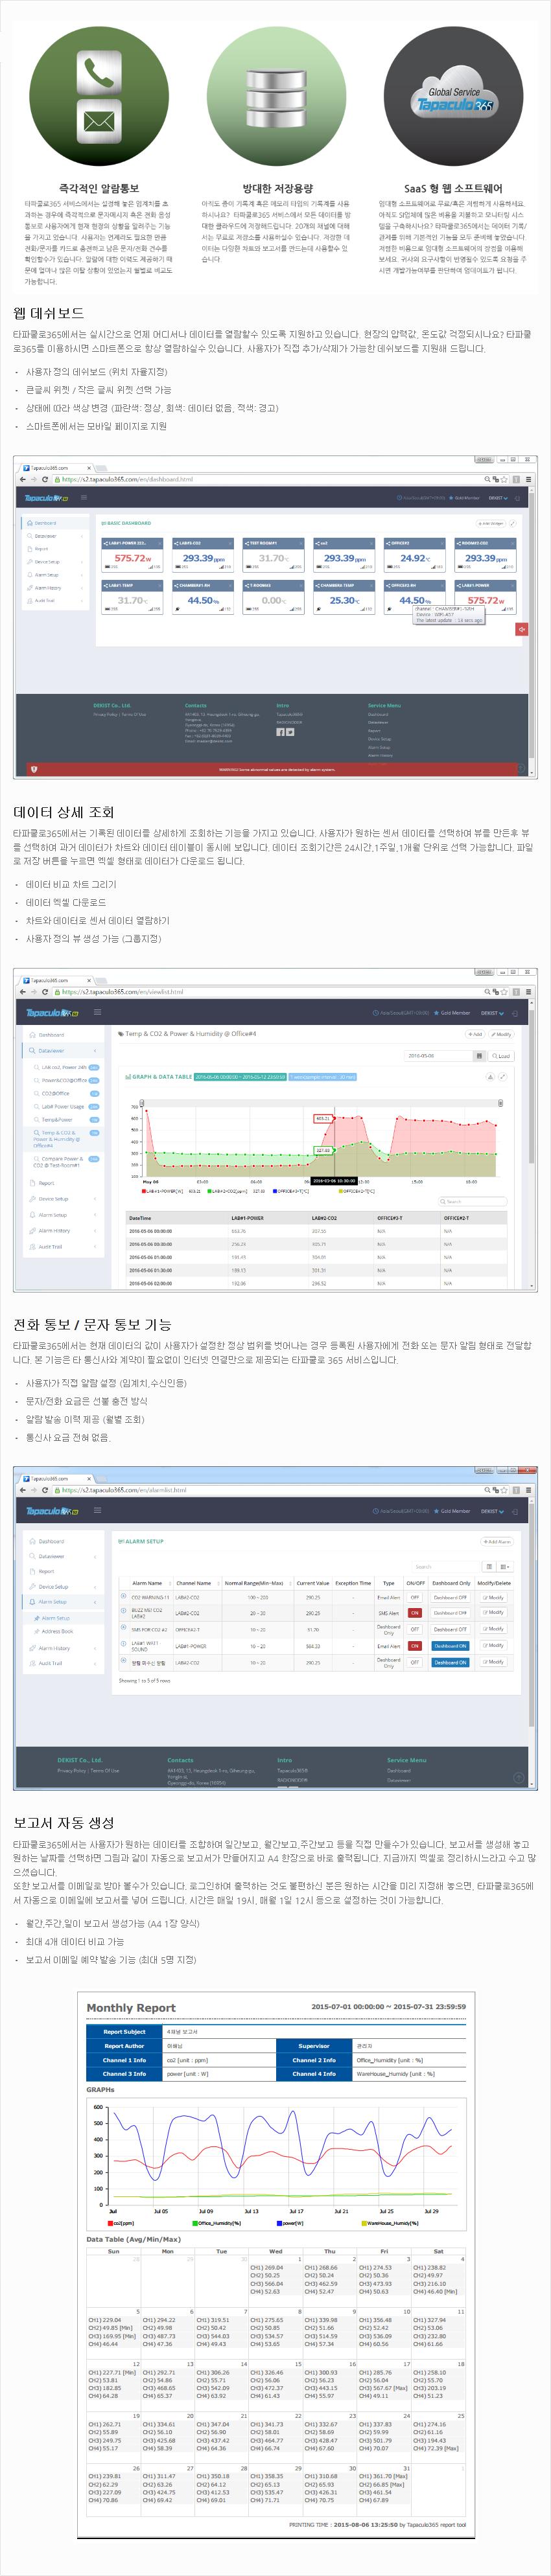 (주)와이즈맥스 Tapaculo365 cloud 서비스  1